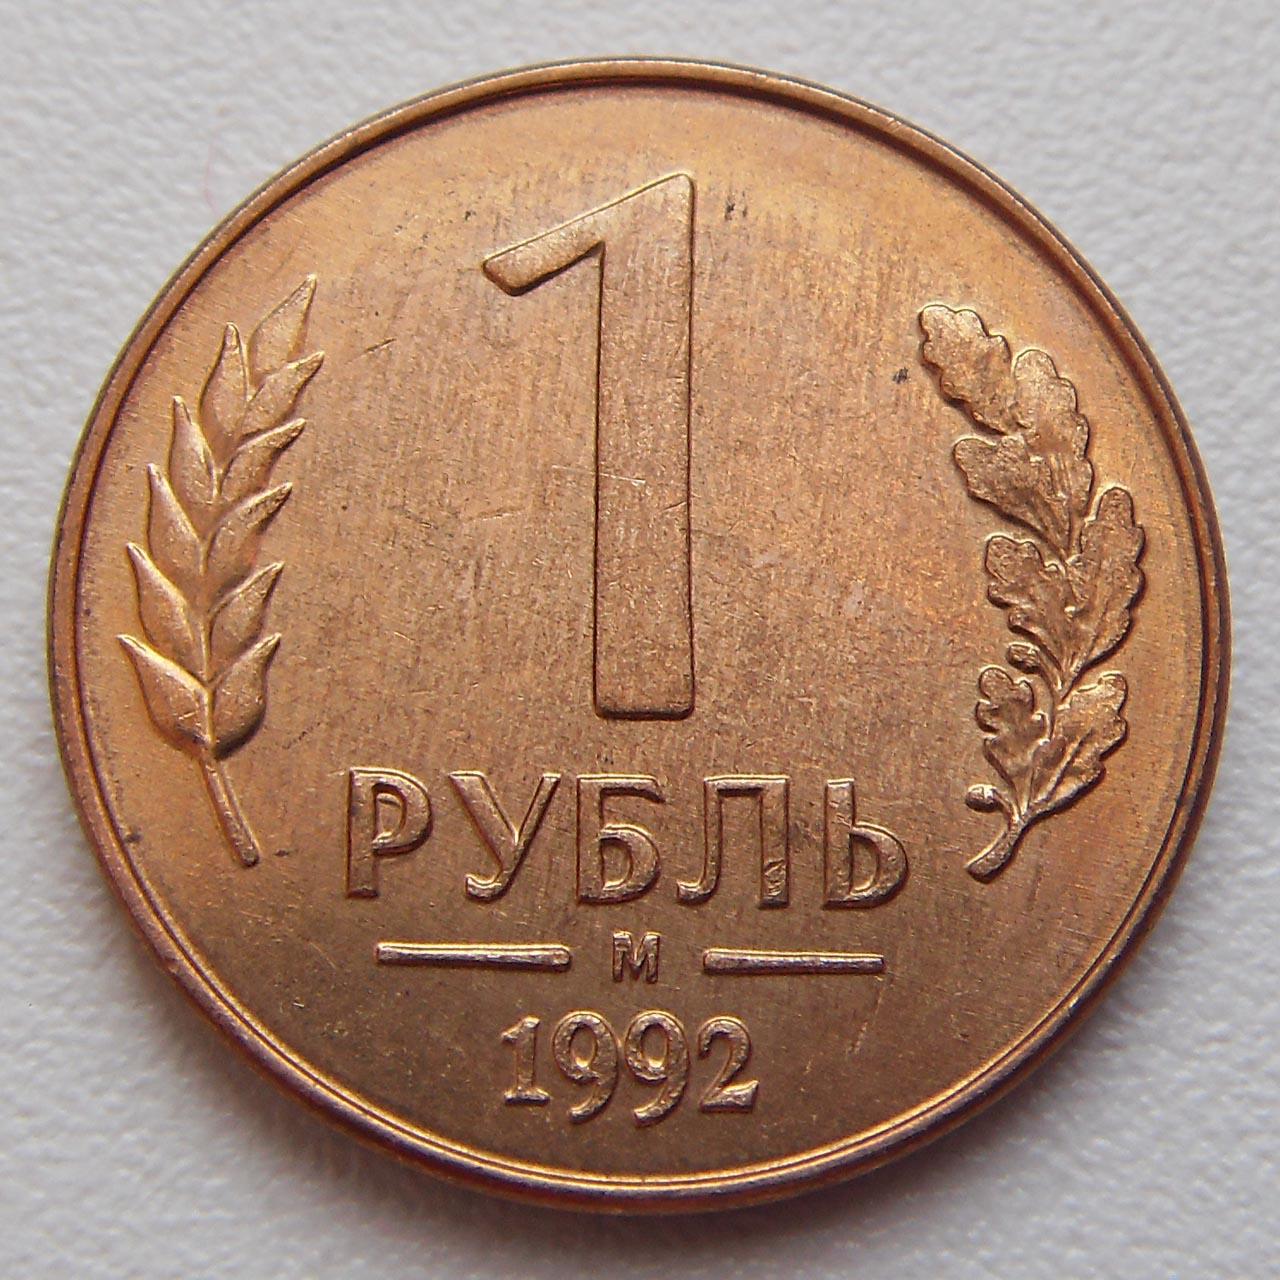 Марки 1992 года цена 20 коп пятьдесят лет советской власти цена